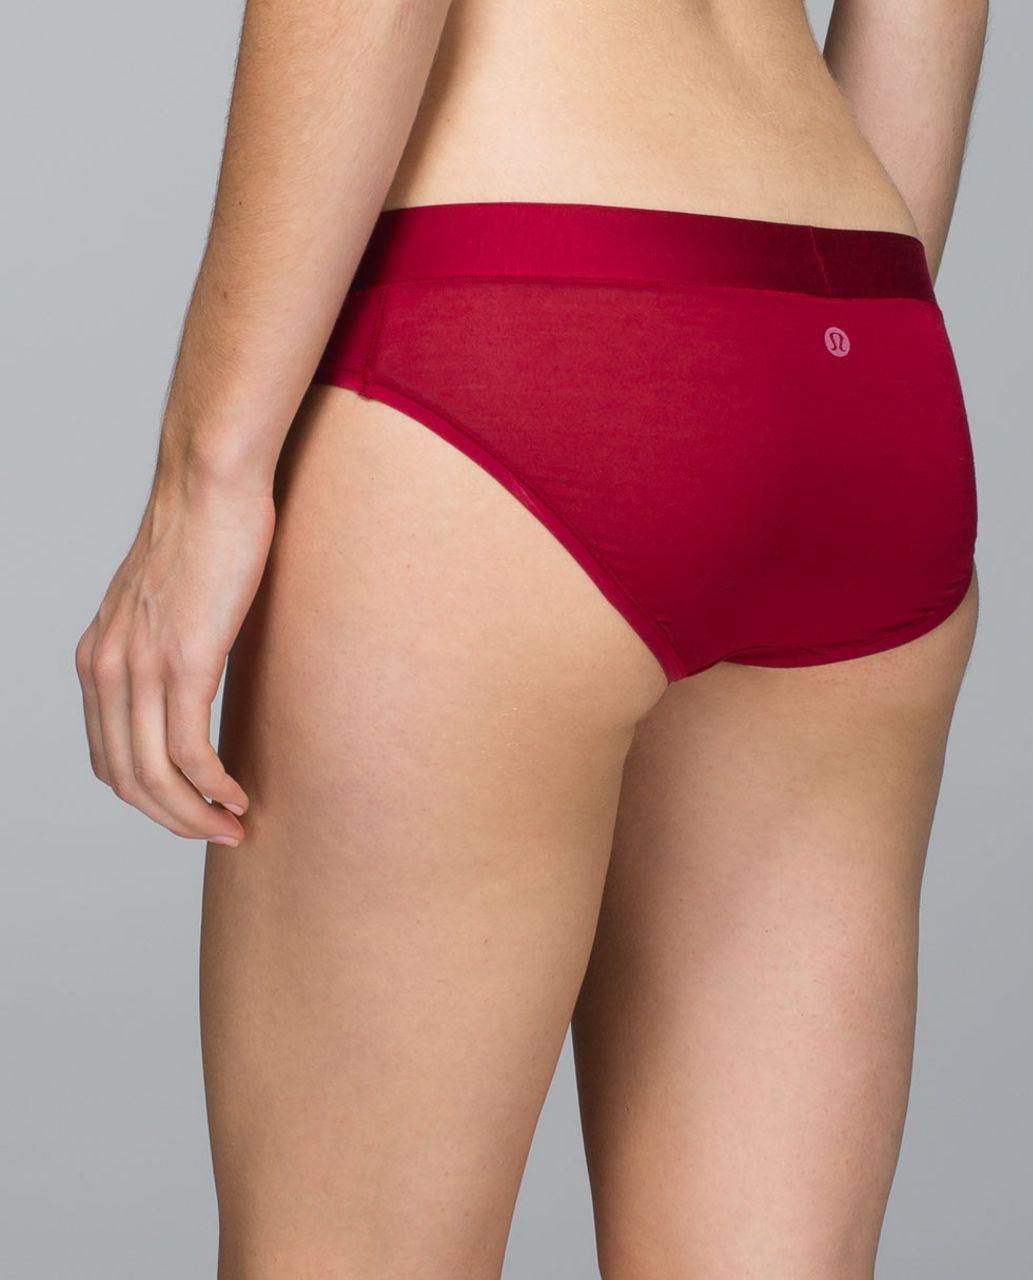 Lululemon Mula Bandhawear Bikini - Deepest Cranberry